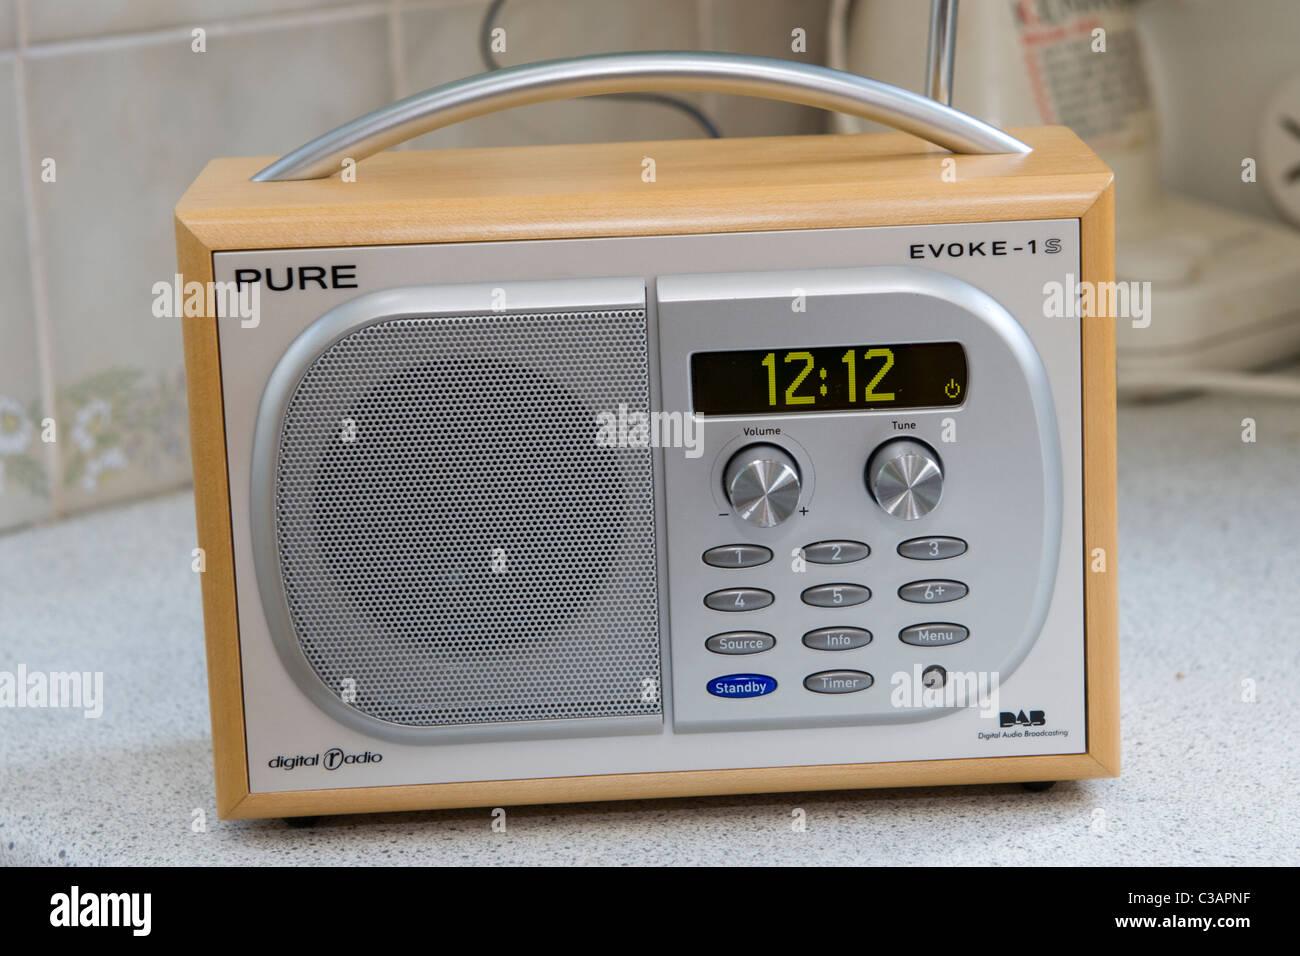 Radio De Cocina Fotos e Imágenes de stock - Alamy